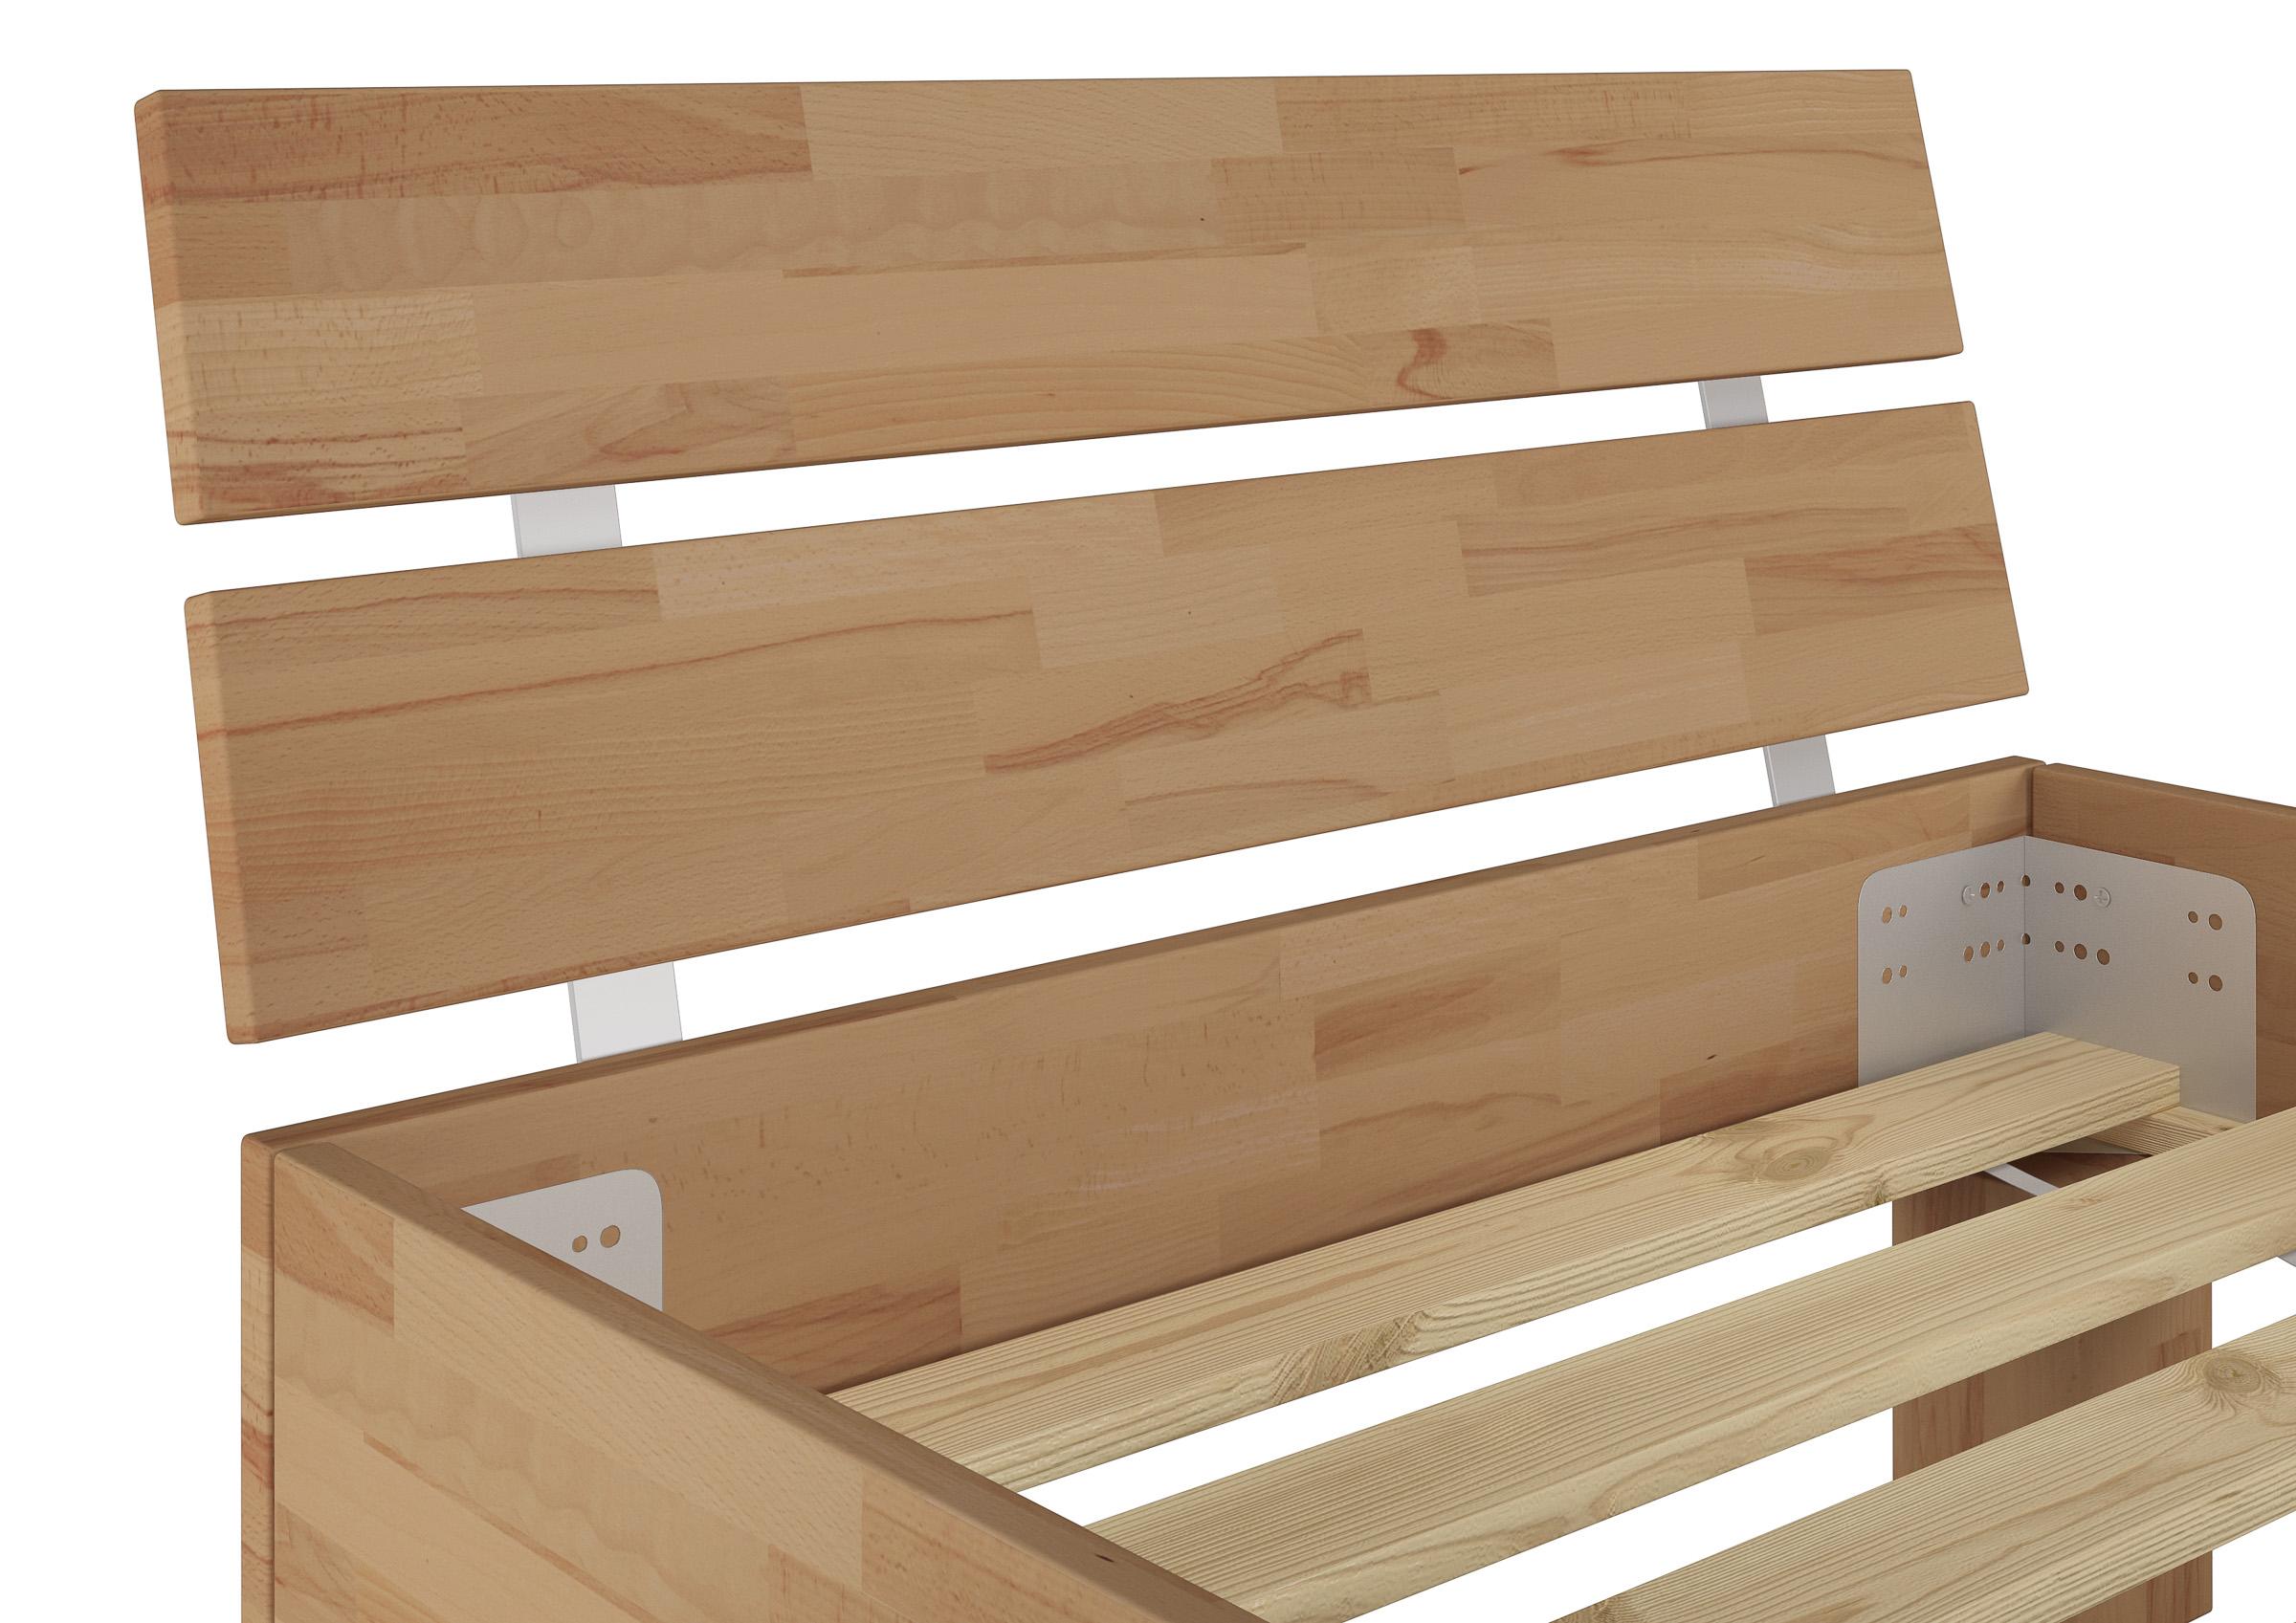 Full Size of Einzelbett Buchebett Massiv 100x200 Jugendbett Futonbett Matratze Bett Weiß Betten Wohnzimmer Futonbett 100x200